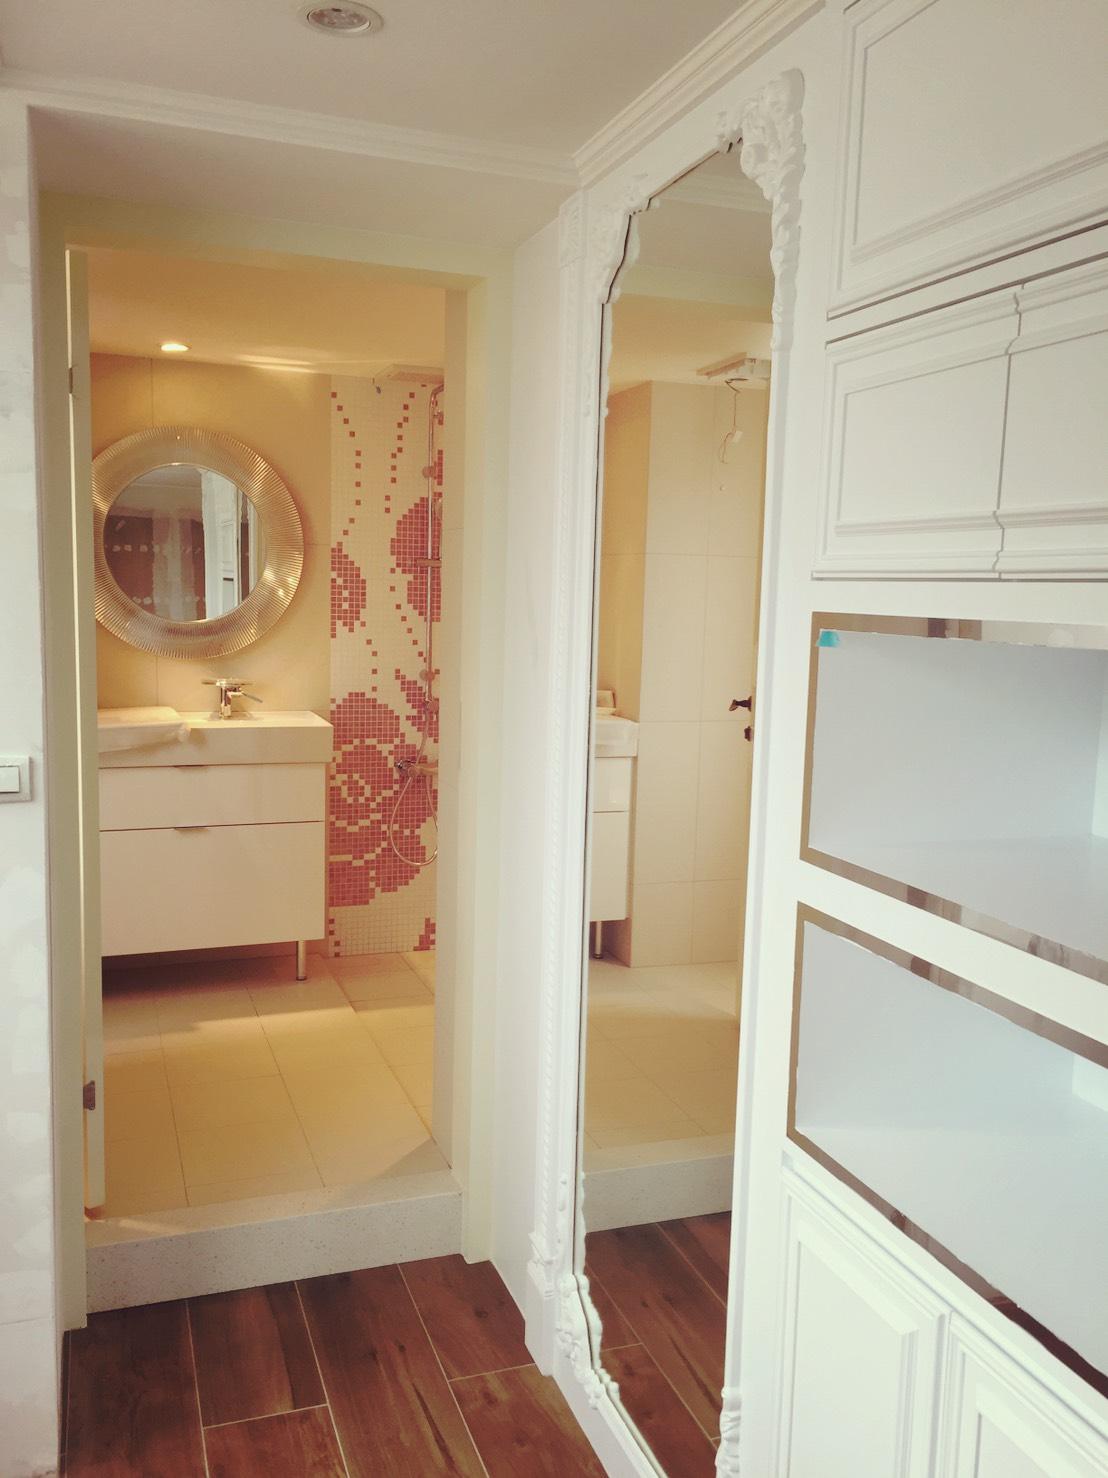 Bathroom/corridor